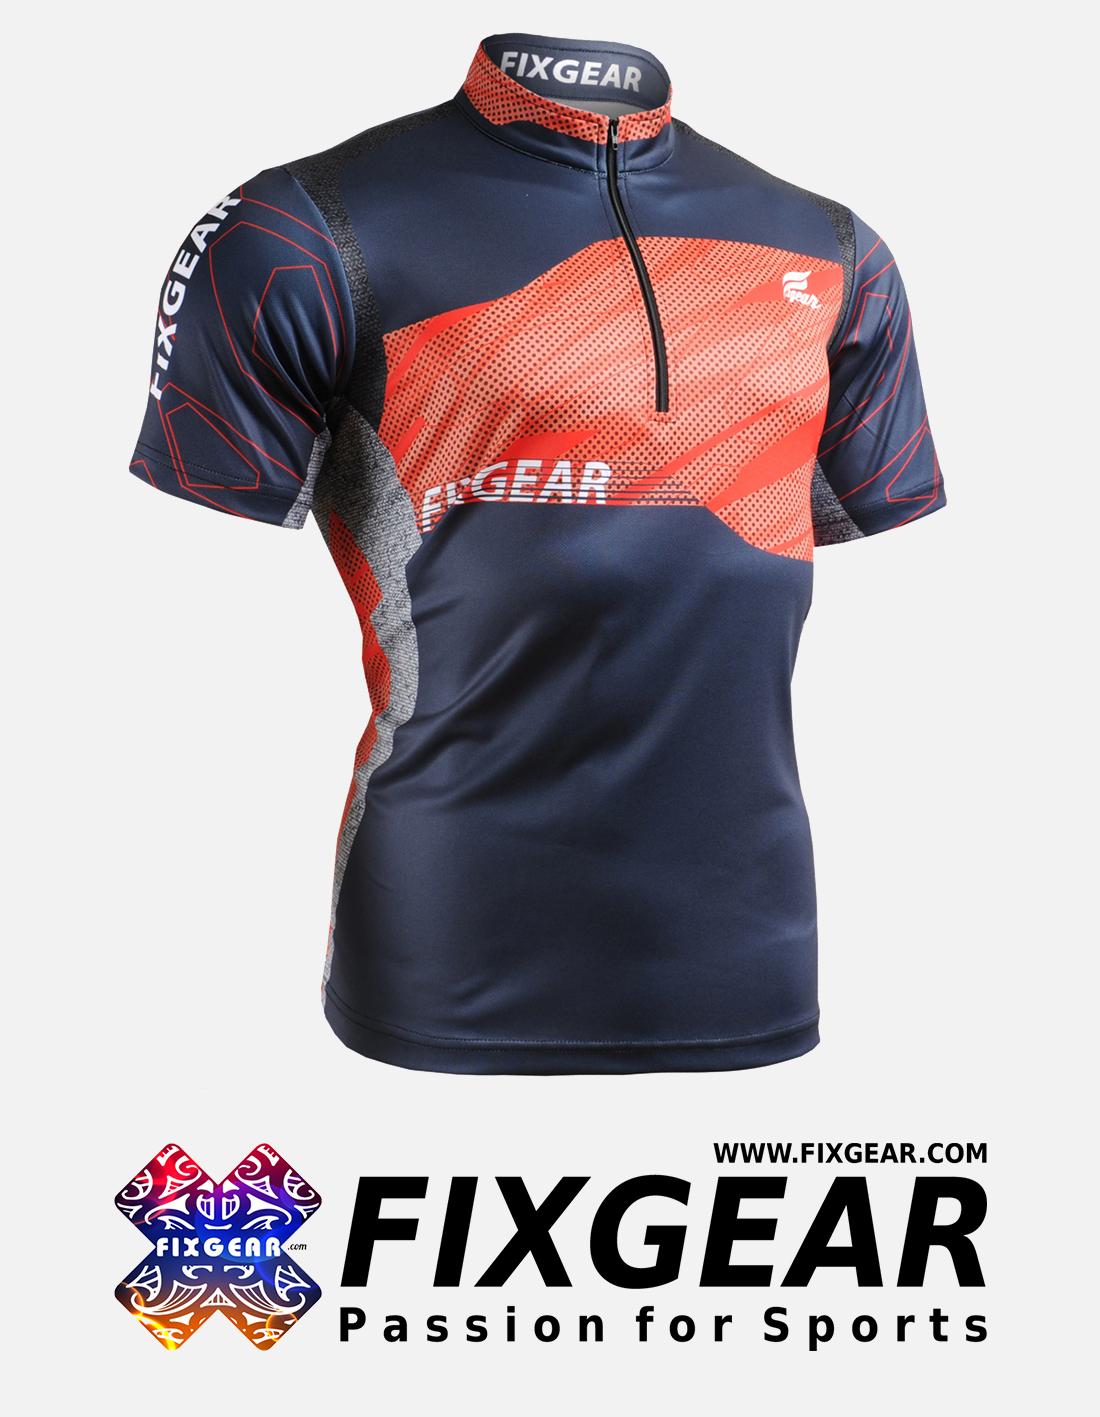 FIXGEAR BM-7502 Casual Men's short sleeve jersey 1/4 zip-up T-Shirt